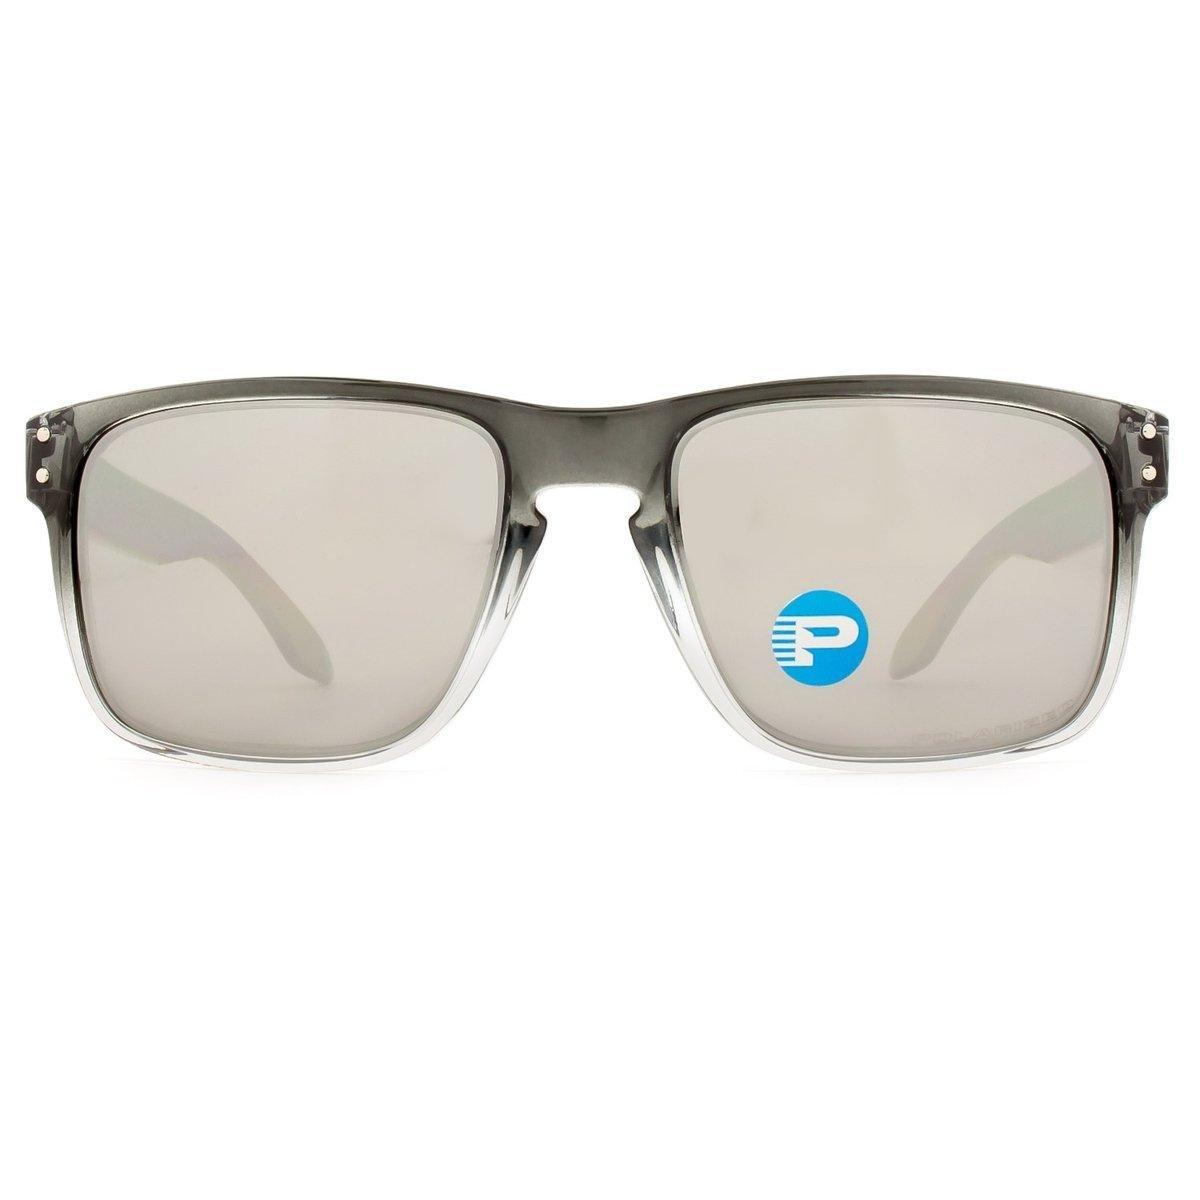 374fcecea32ee Óculos Oakley Holbrook Polarizado OO9102 A9 55 - Compre Agora